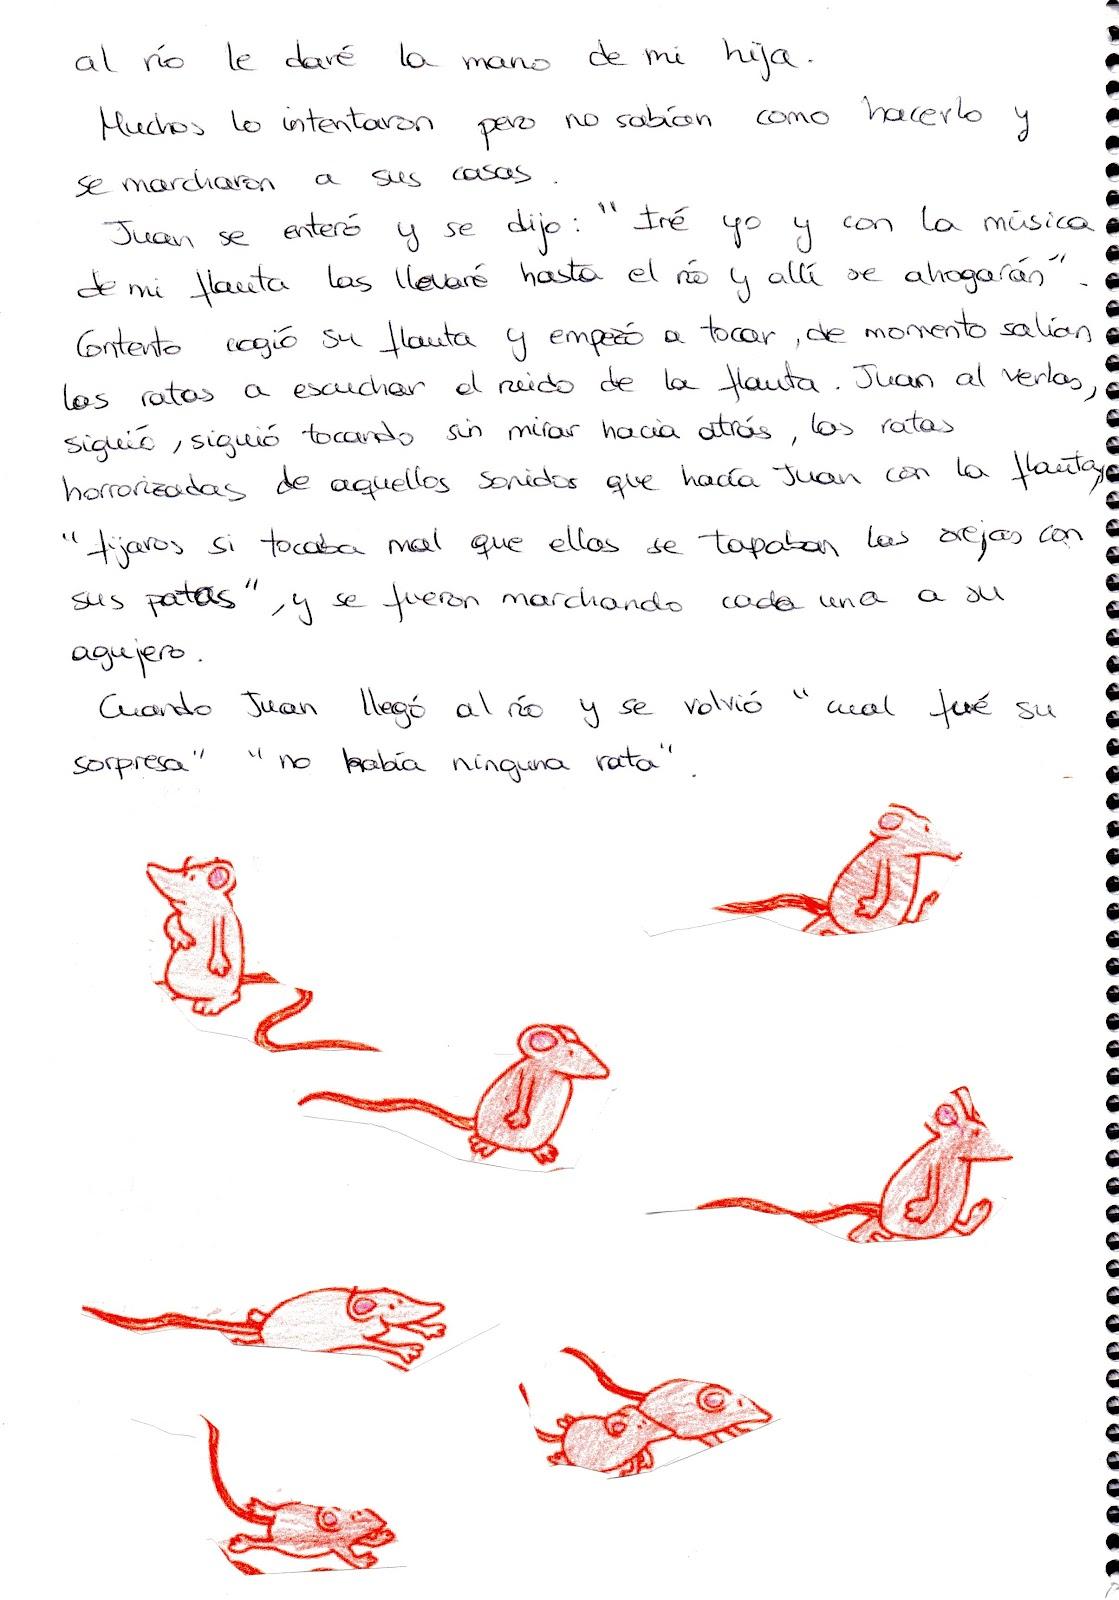 Profe Rafa de Infantil: Libro Viajero 2010-2011: Cuando